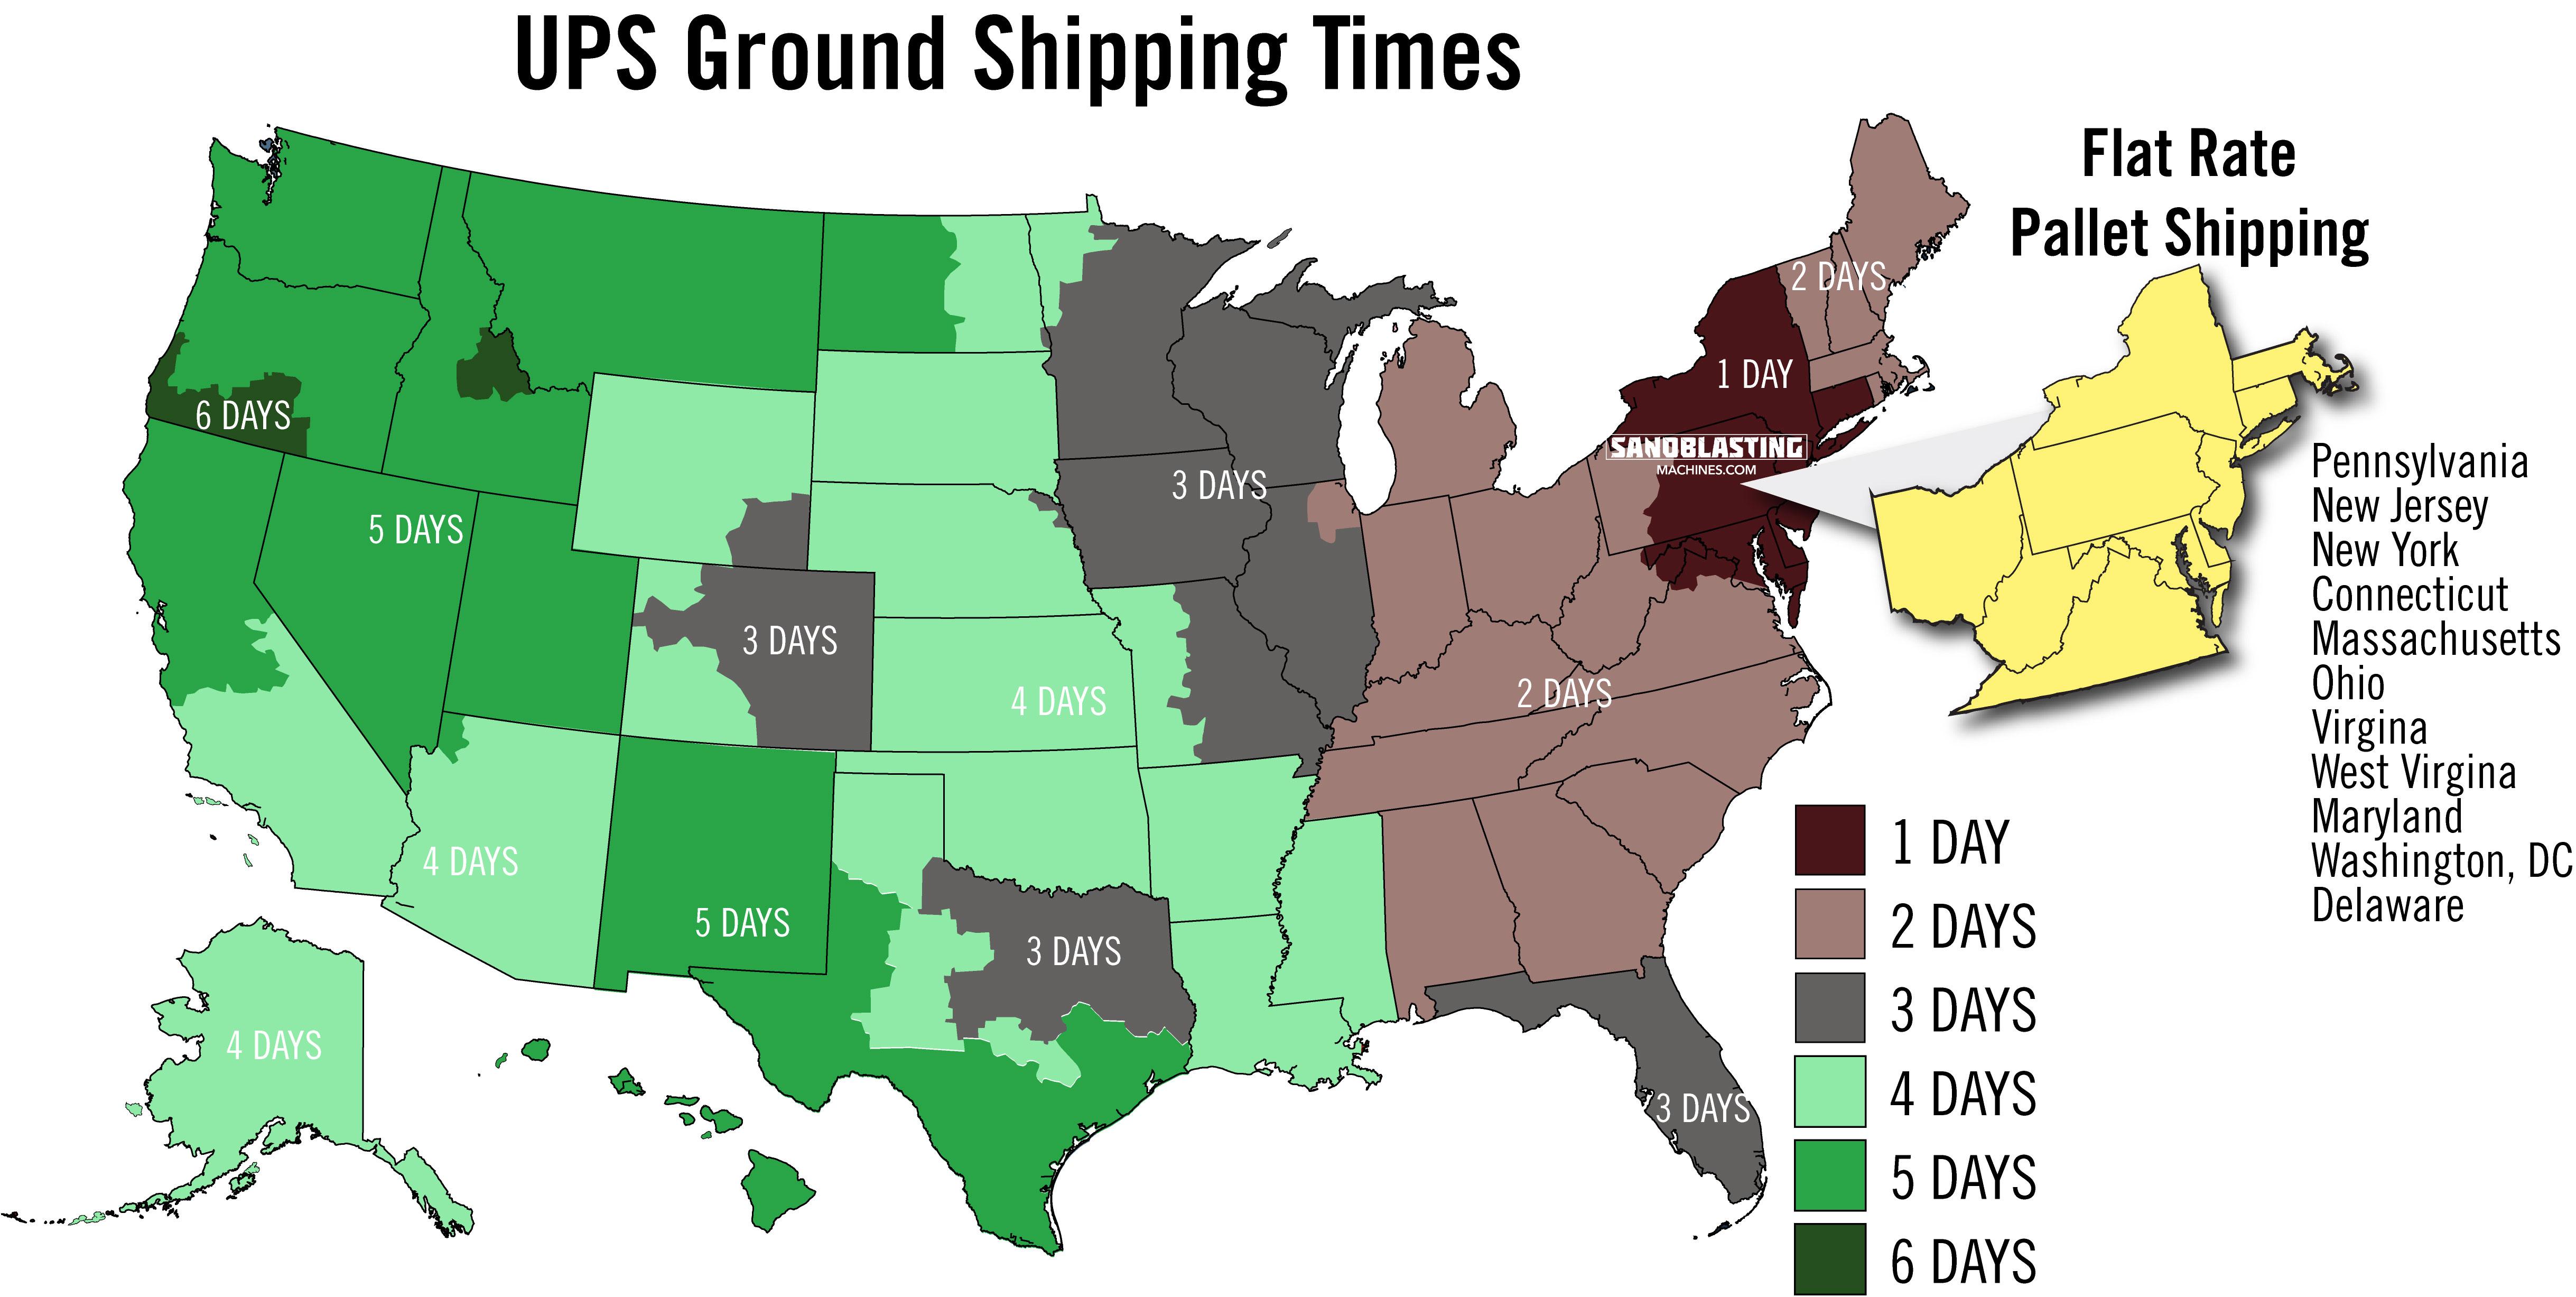 sbm-ups-shipping-map-.jpg